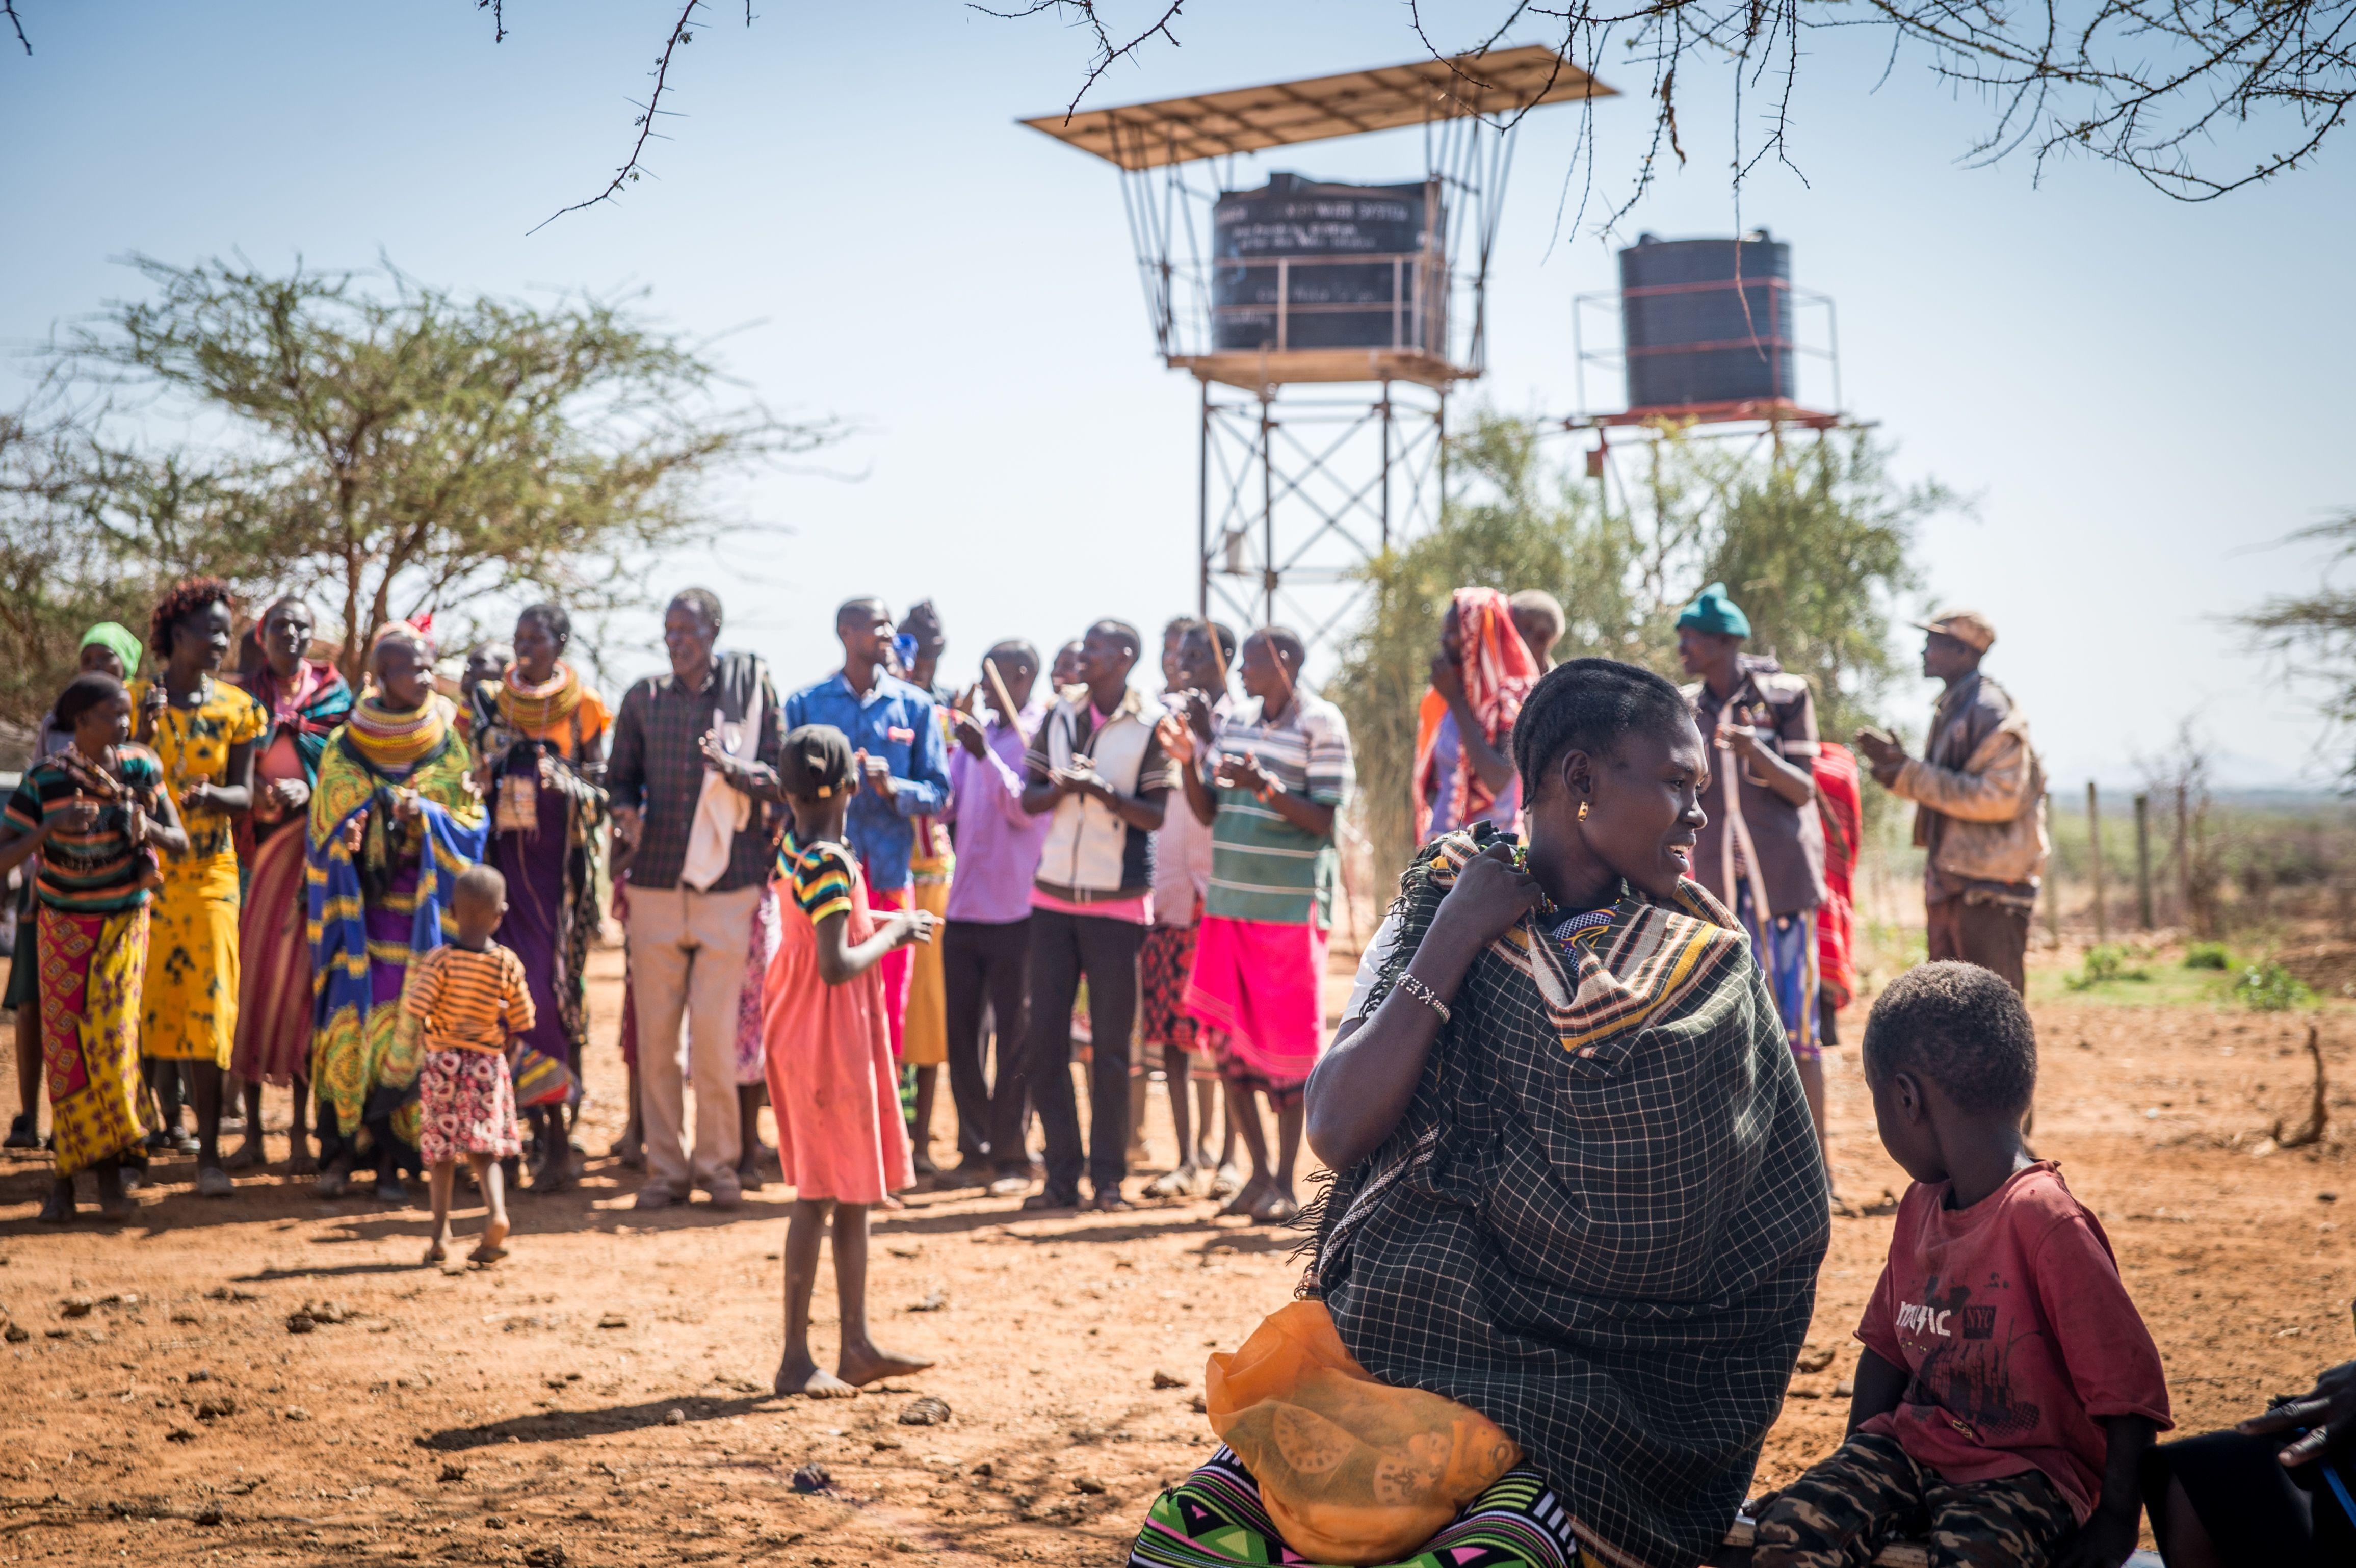 Community gathered around Well Aware water tanks - Alamach, Kenya